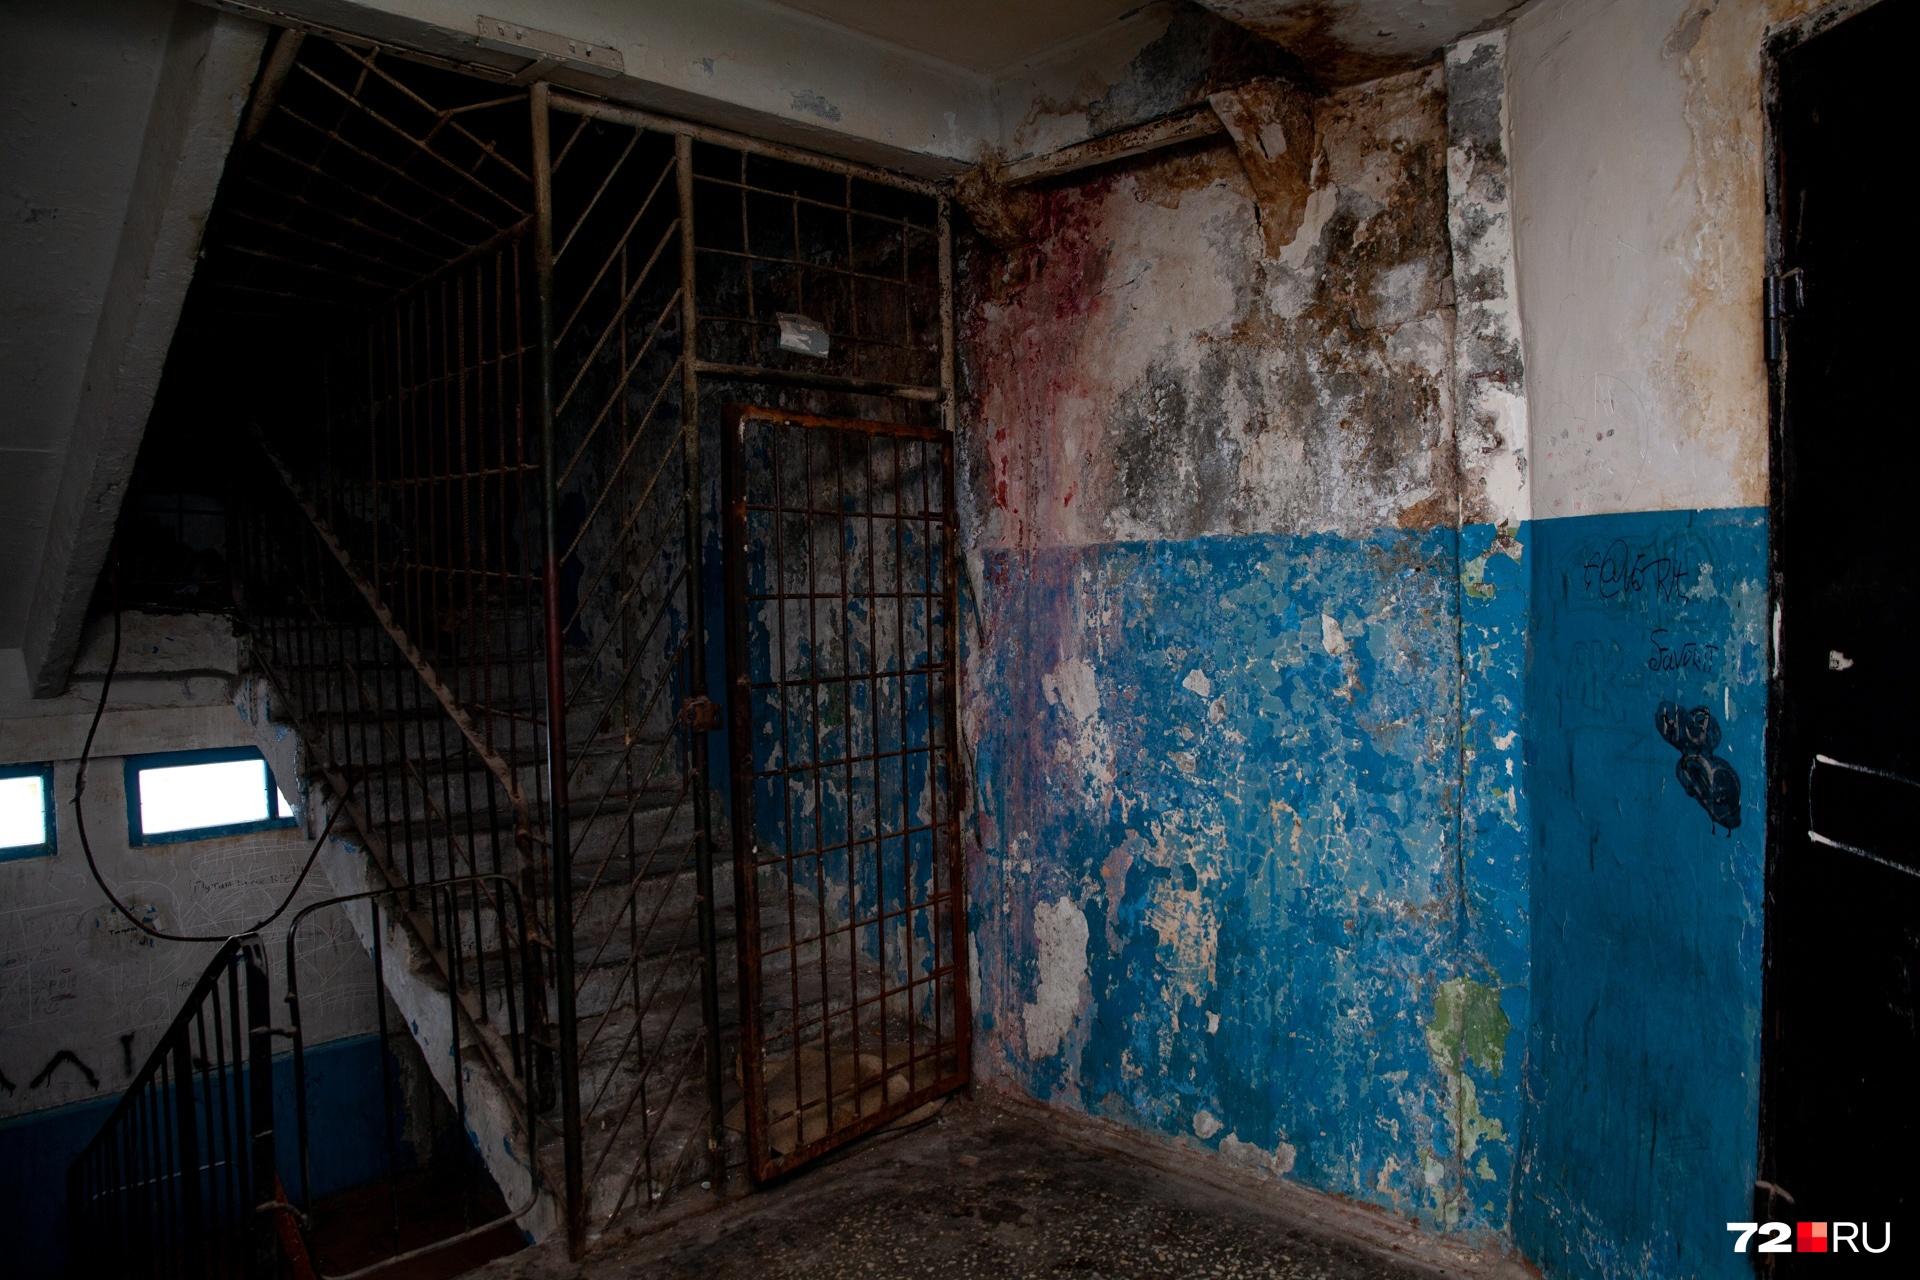 На верхнем этаже видно, что из-за трещины на торце сыреют стены